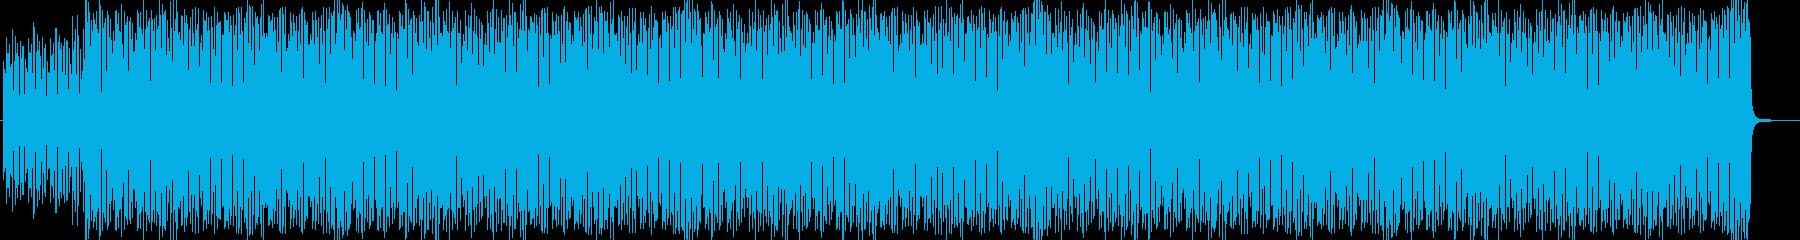 奇妙でコミカルおかしなハロウィンサーカスの再生済みの波形